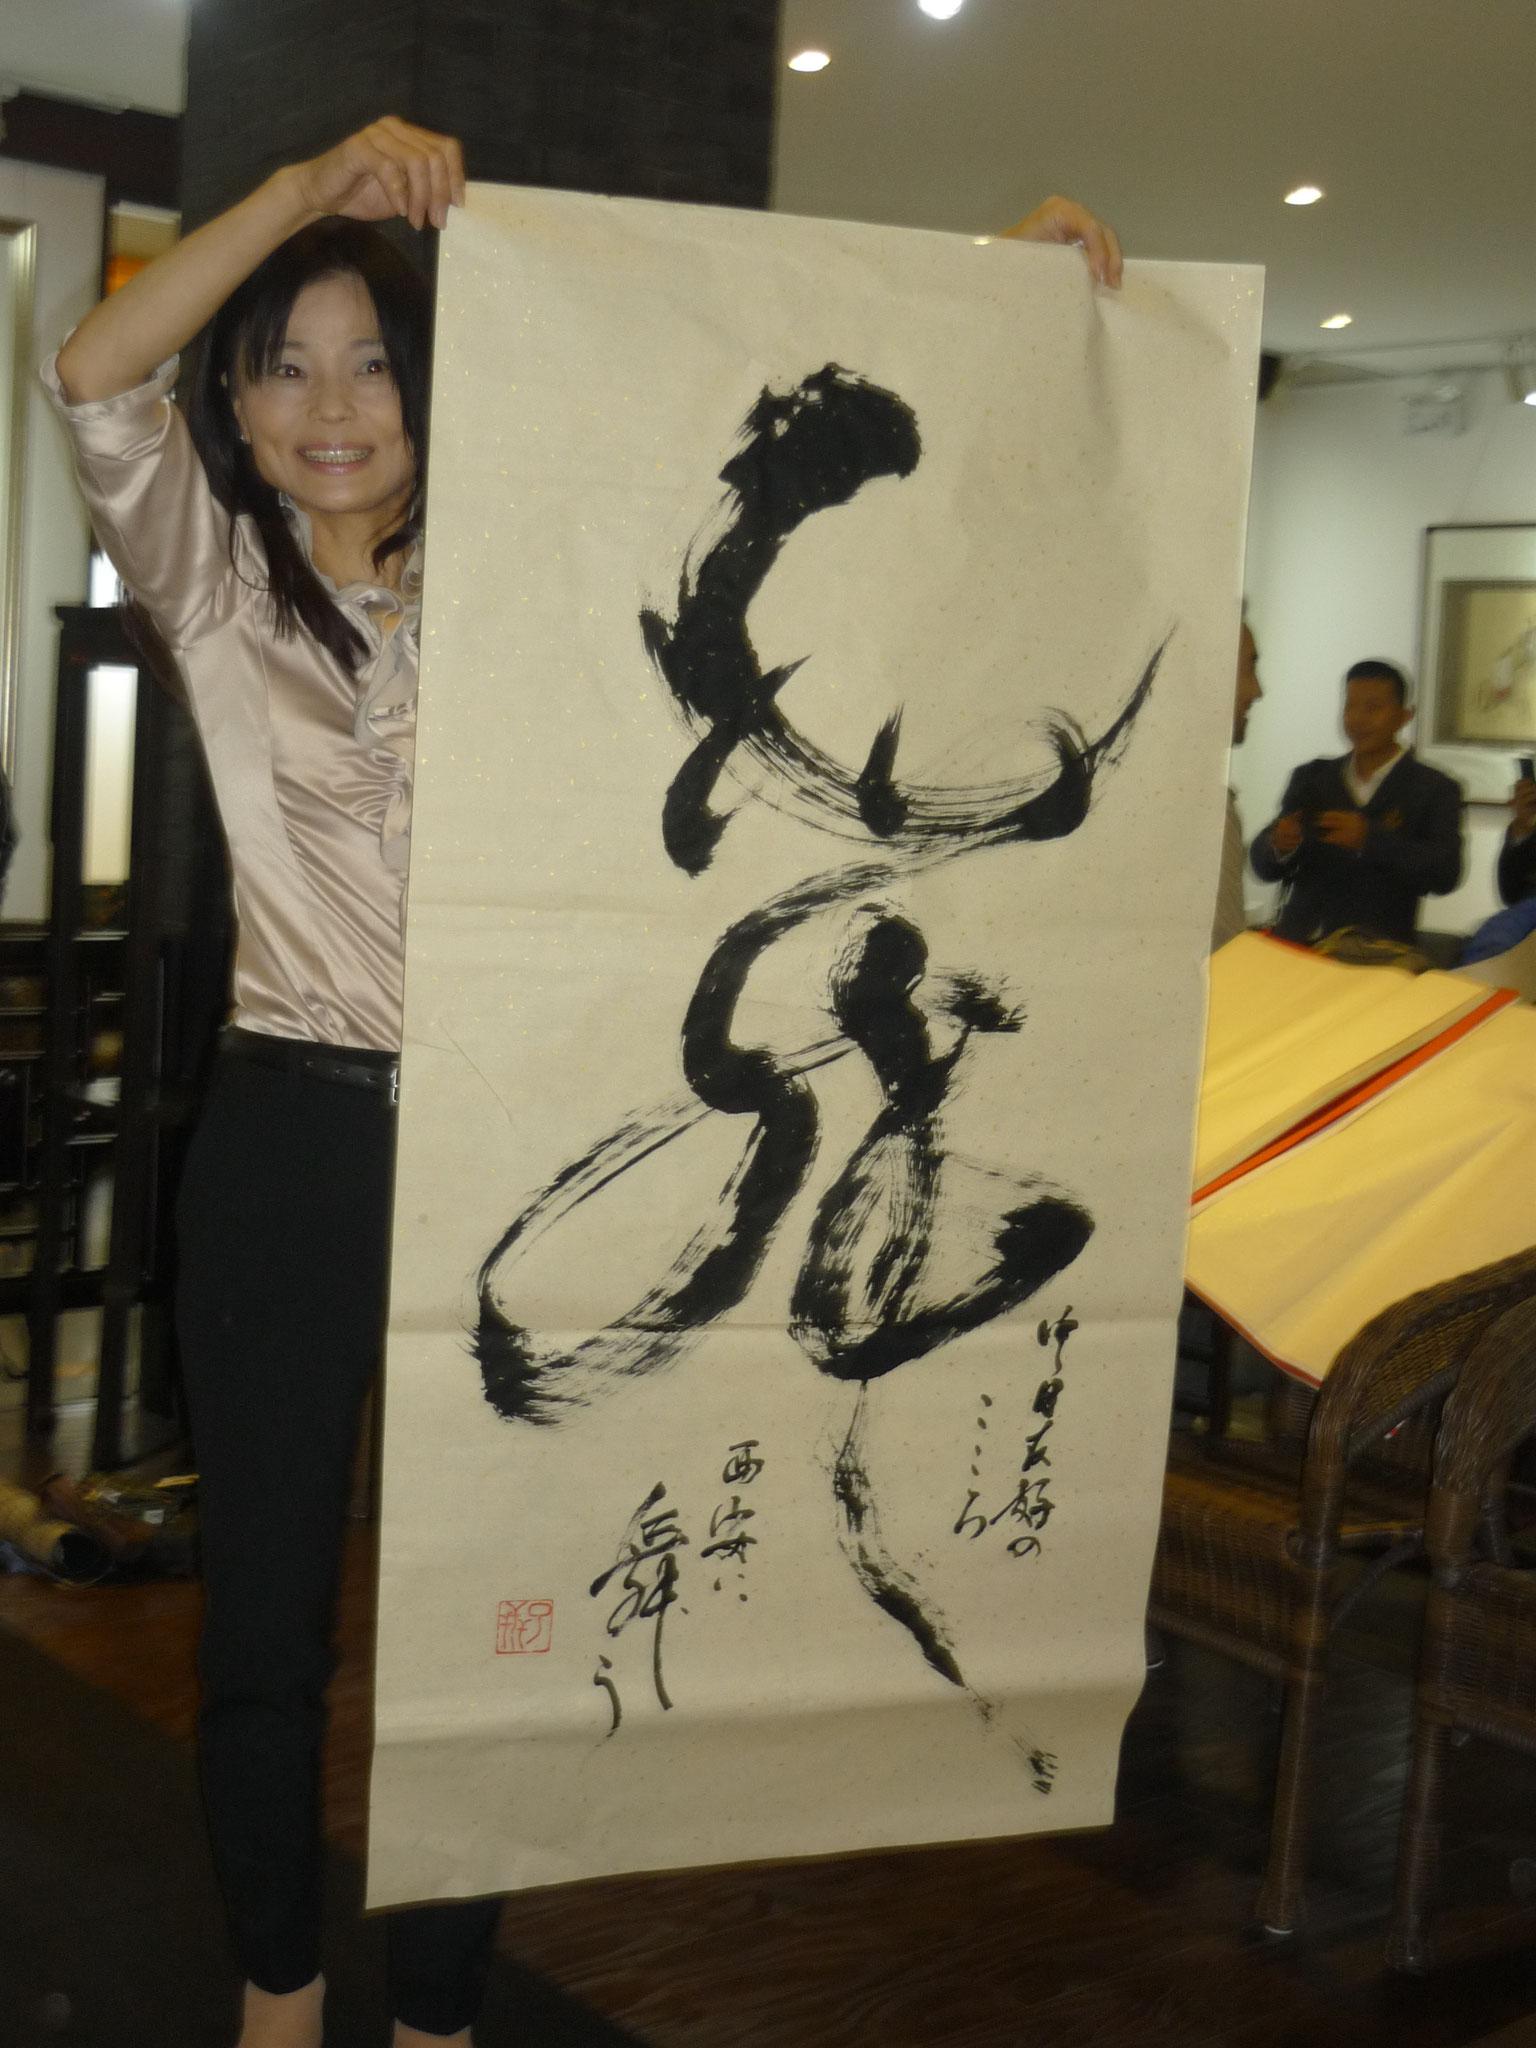 京都市と西安市の書家による書画展 2014/11/6    於西安培華学院 「舞・日中友好のこころ西安に舞う」